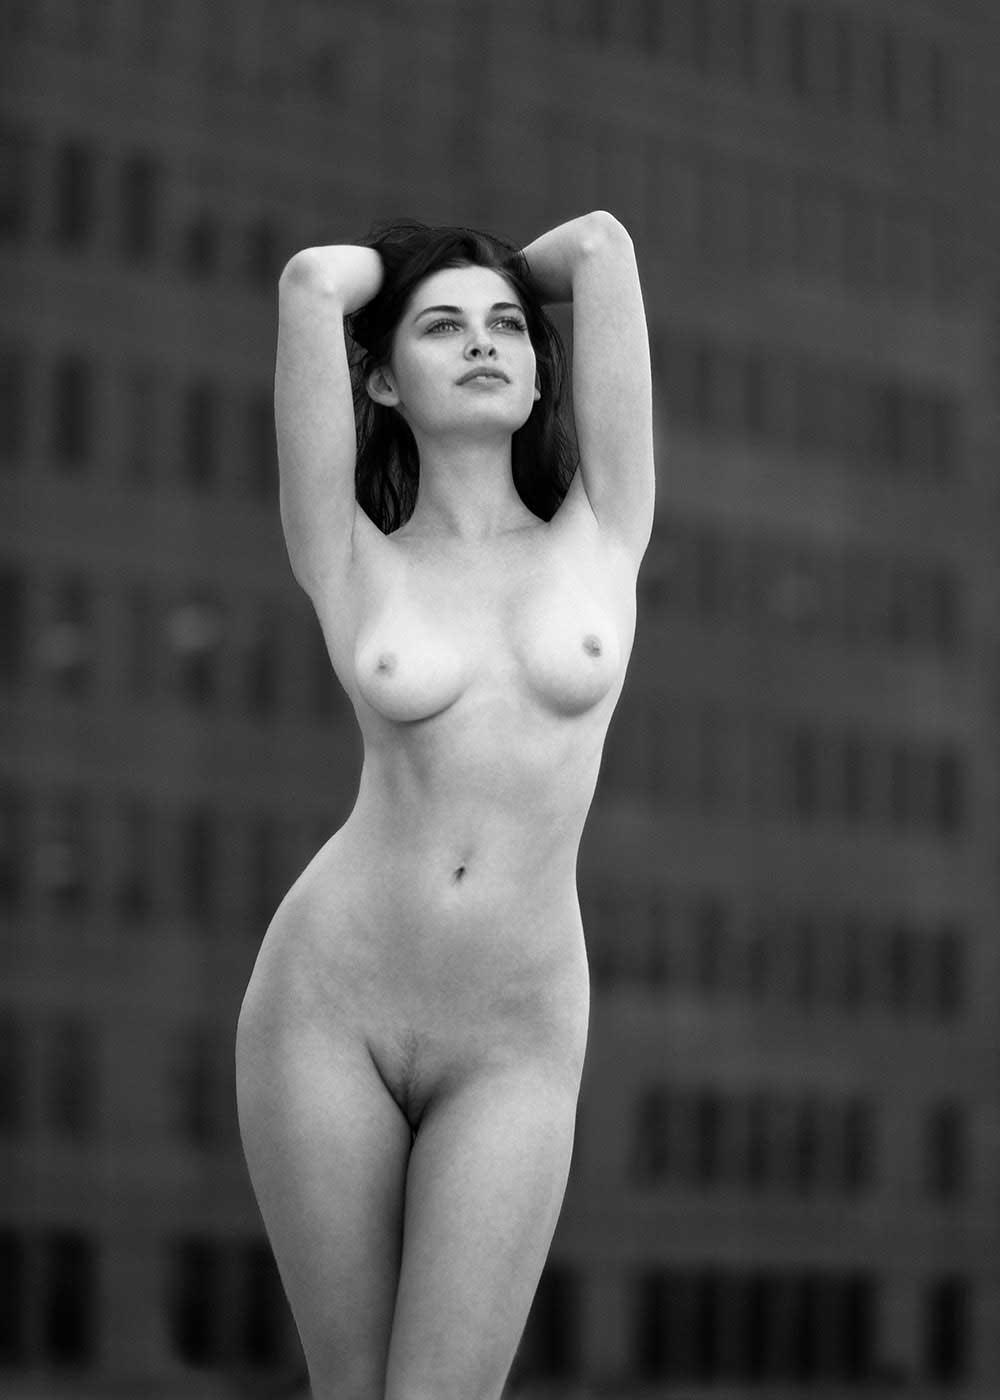 Good! cuckold nudes Twoj